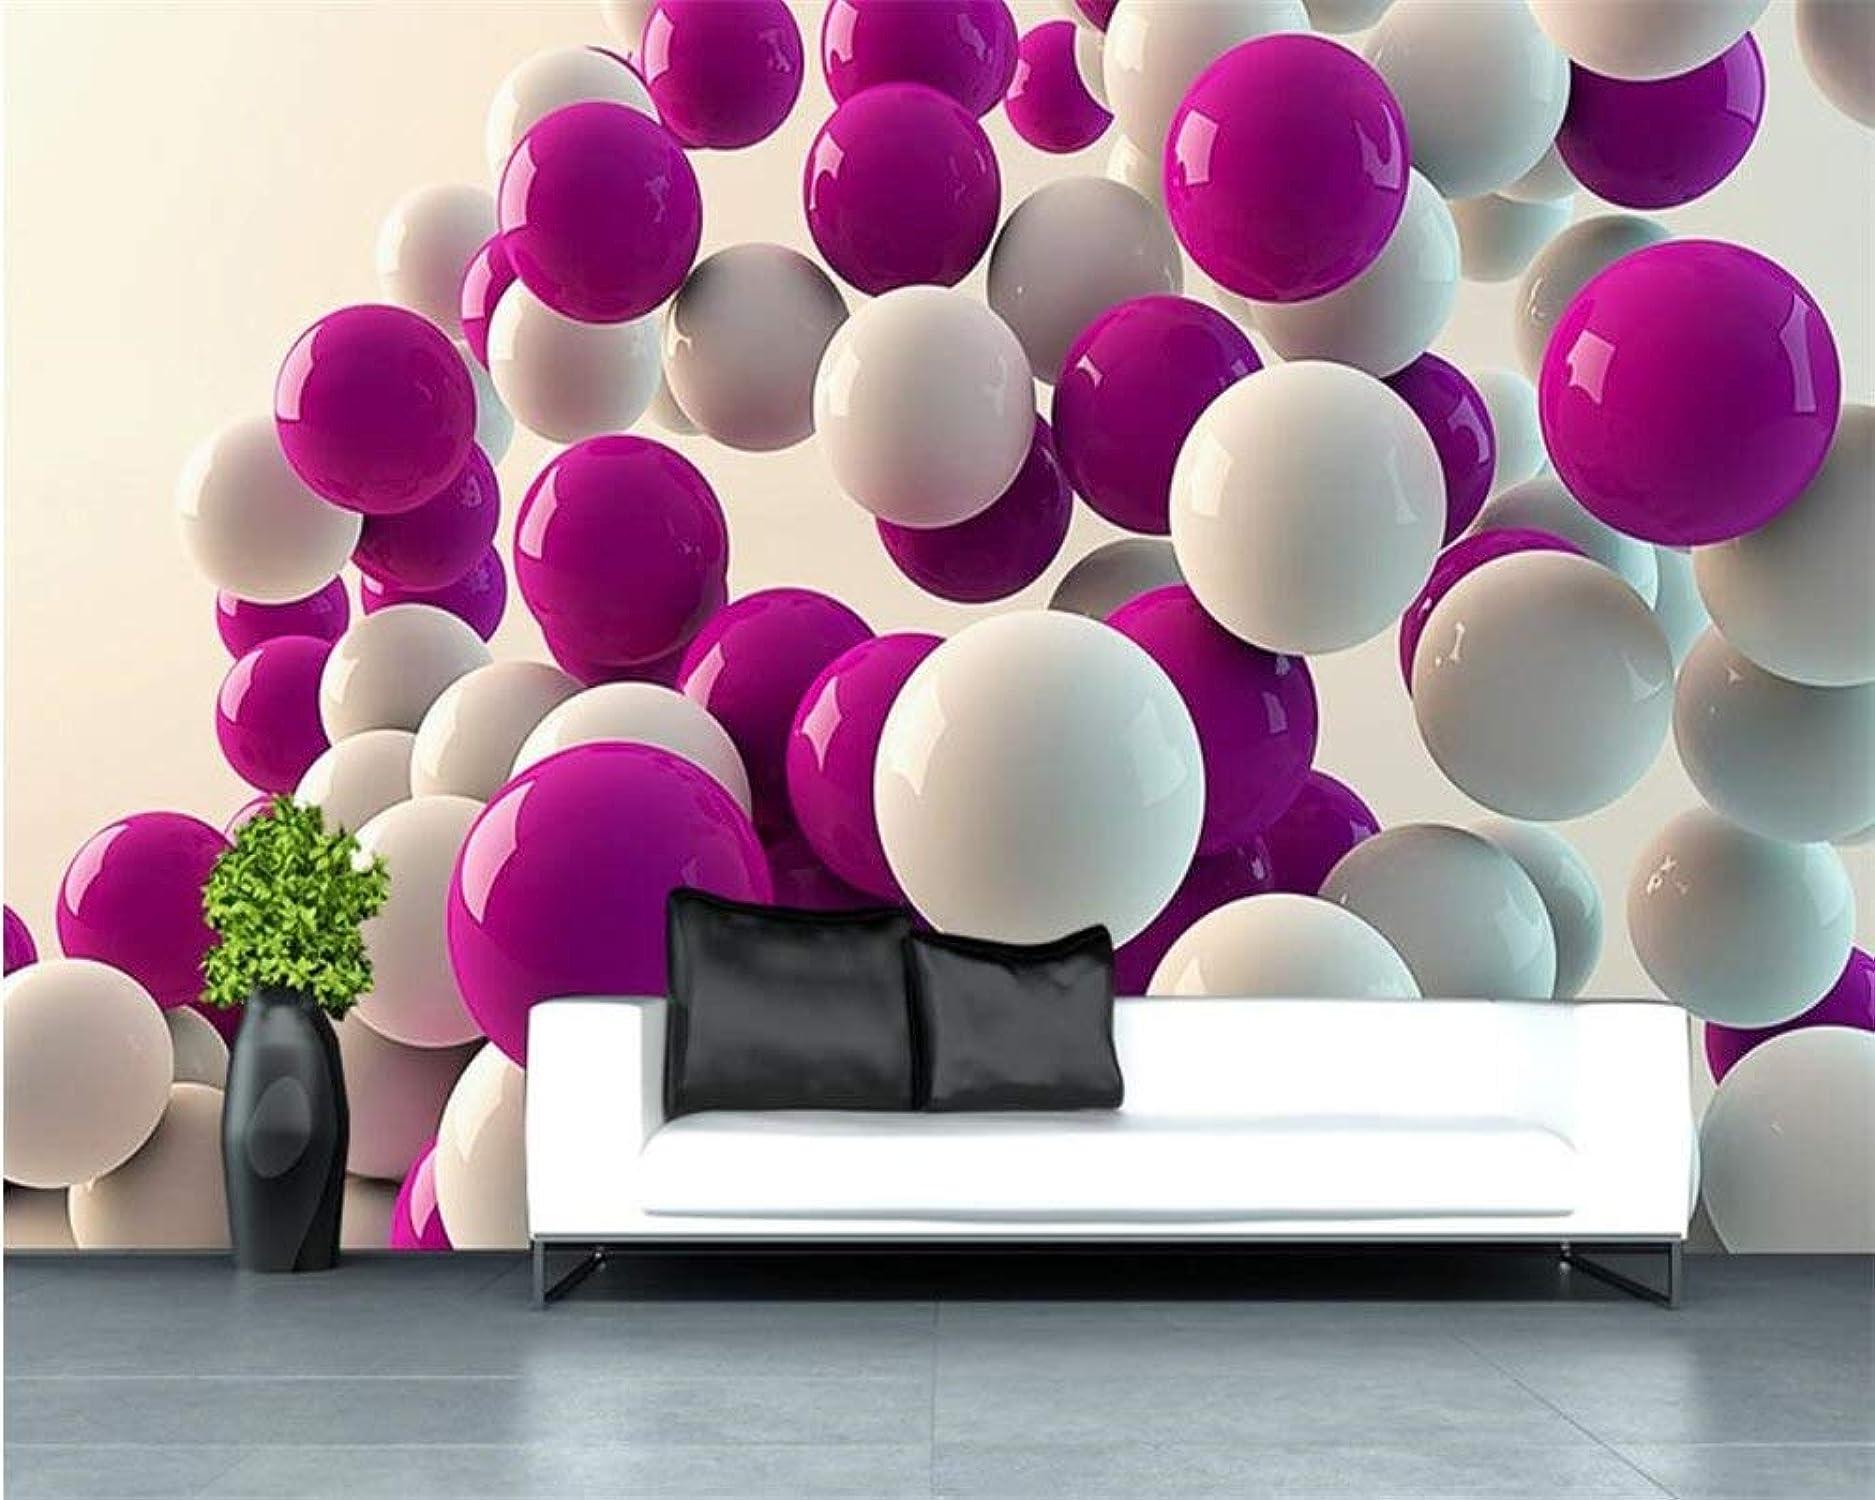 ofrecemos varias marcas famosas 2019 Papel Tapiz Personalizado Decoración Del Hogar Mural Mural Mural Fondo Bola 3D Decoración Del Hogar Sala De Estar Dormitorio Mural Foto Papel Tapiz 3D Vinilo Decorativo-208x146CM  moda clasica